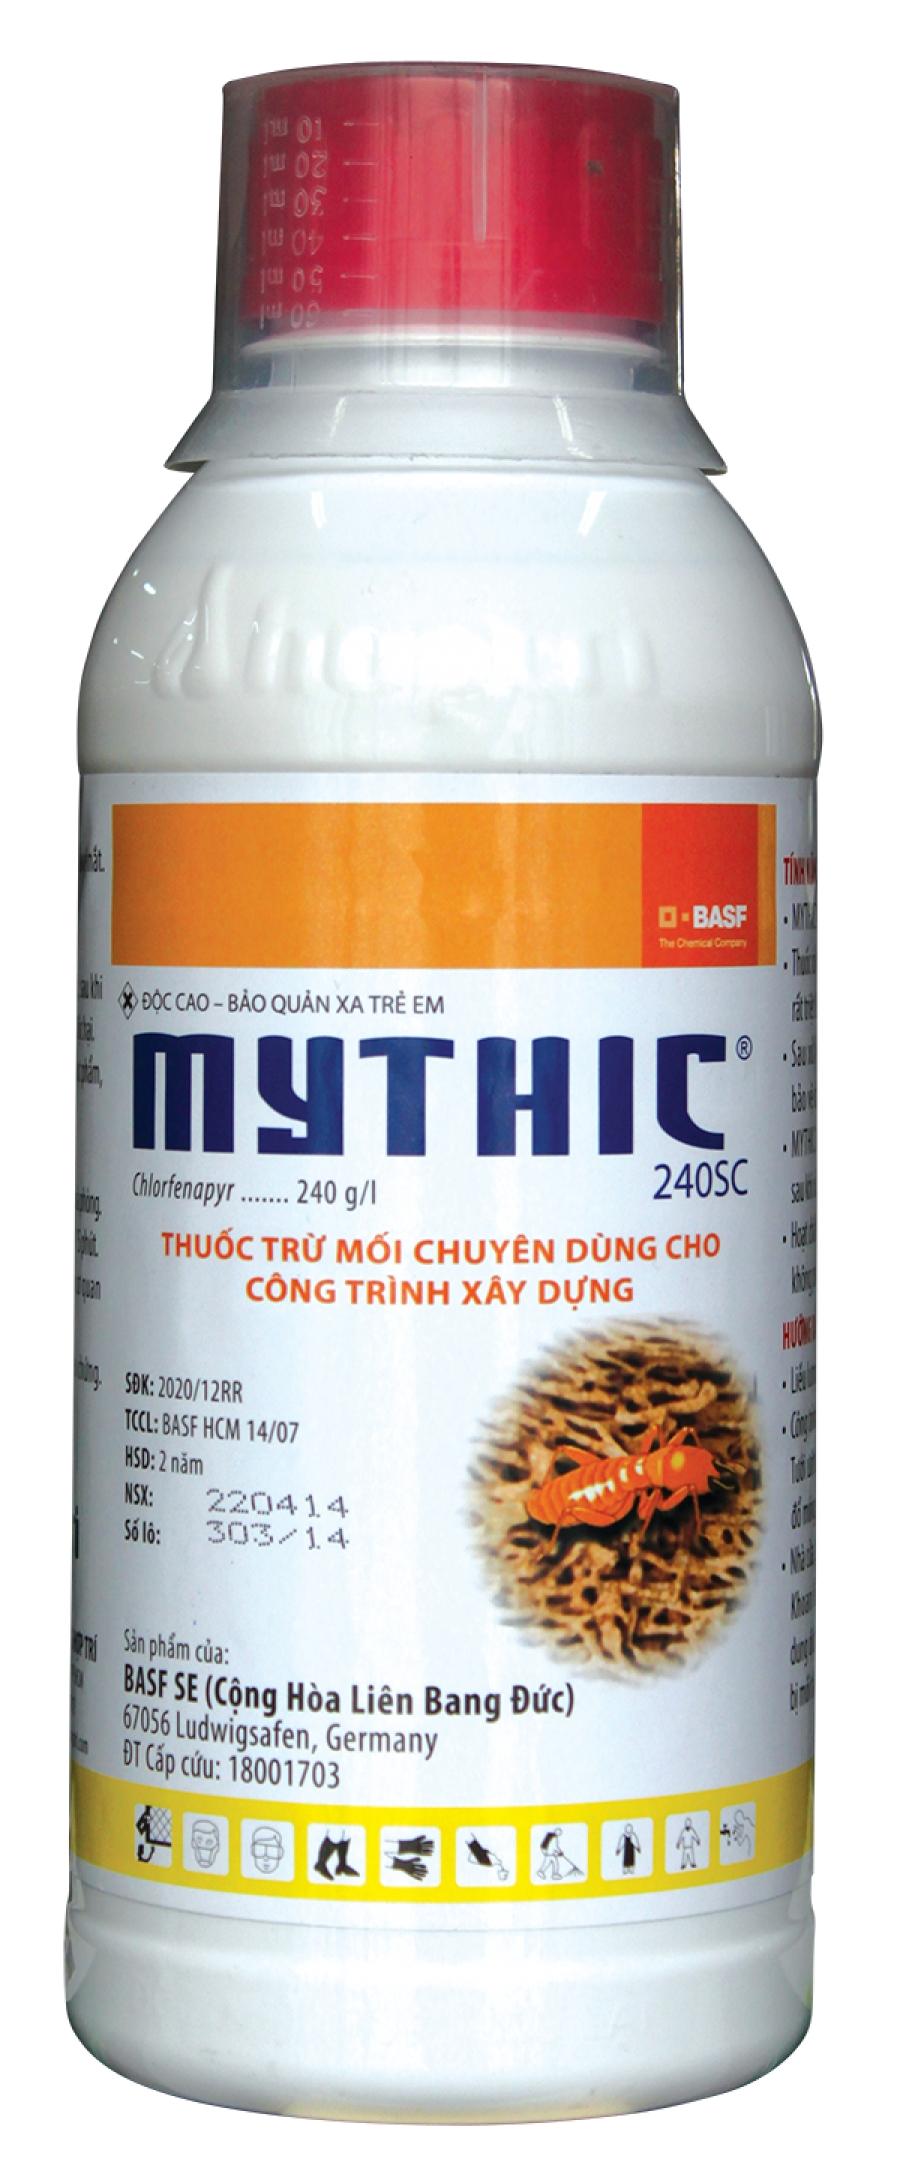 MYTHIC 240SC